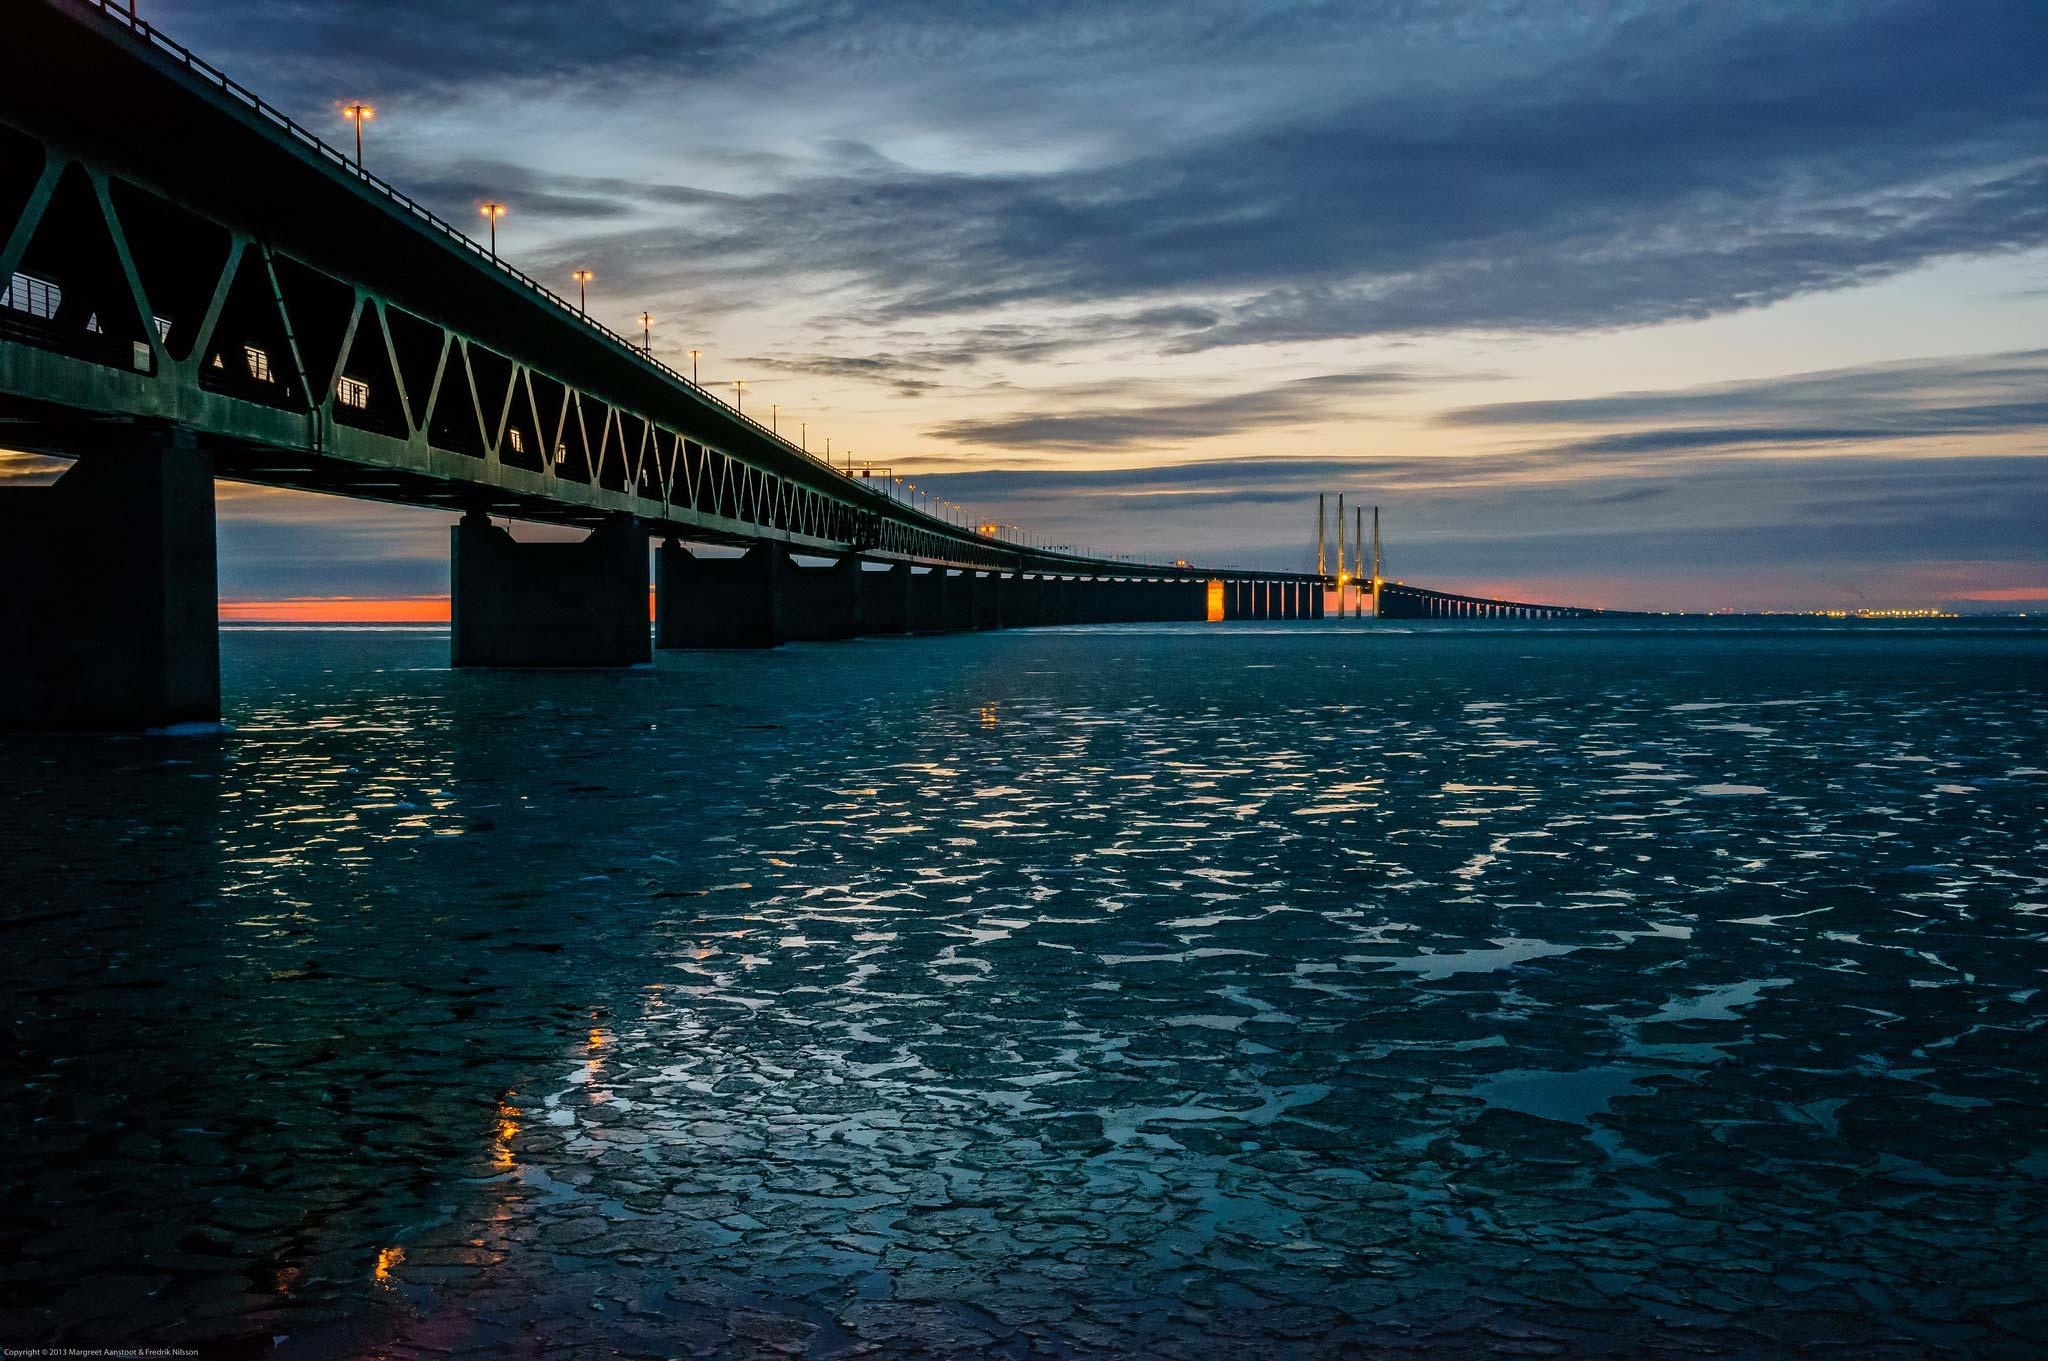 L Incroyable Pont Sous Marin Reliant Le Danemark A La Suede